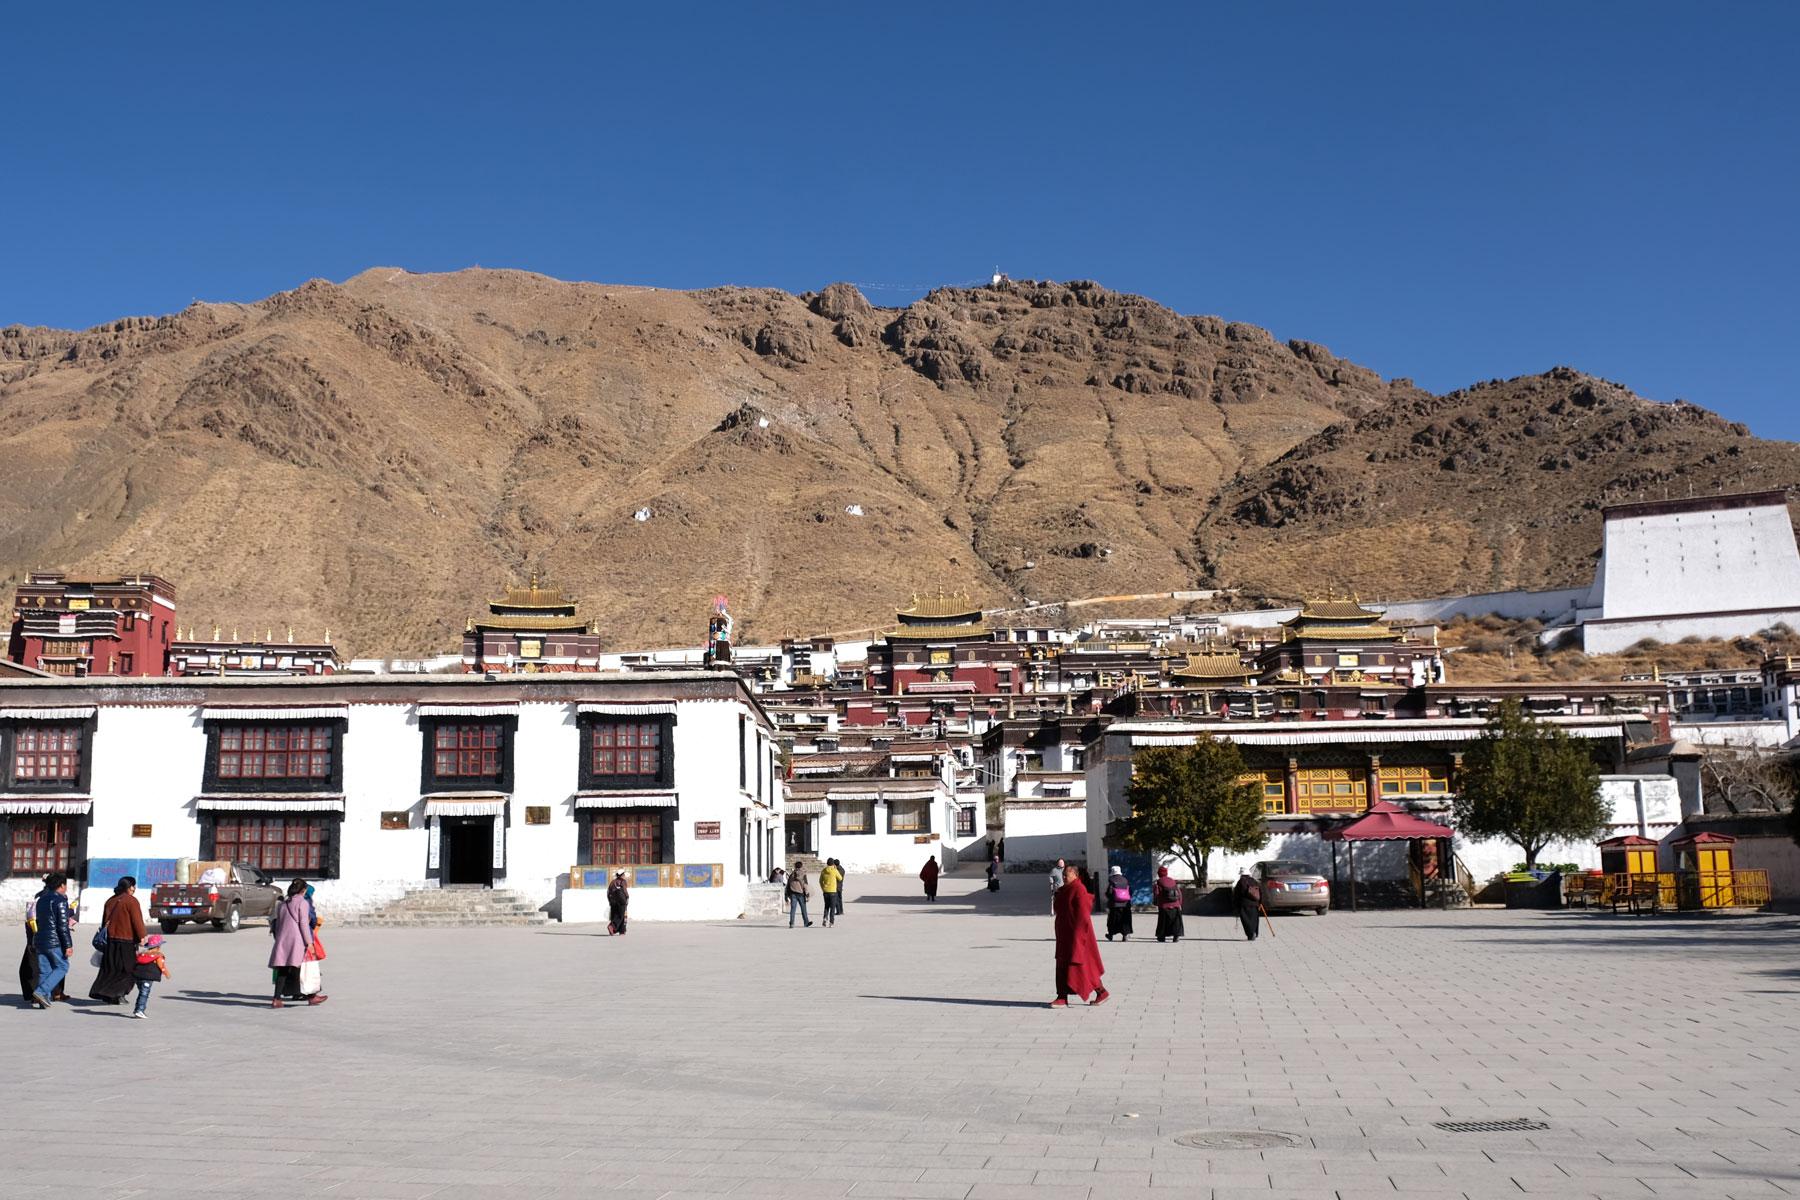 Das Kloster Tashilunpo in der Stadt Shigatse.